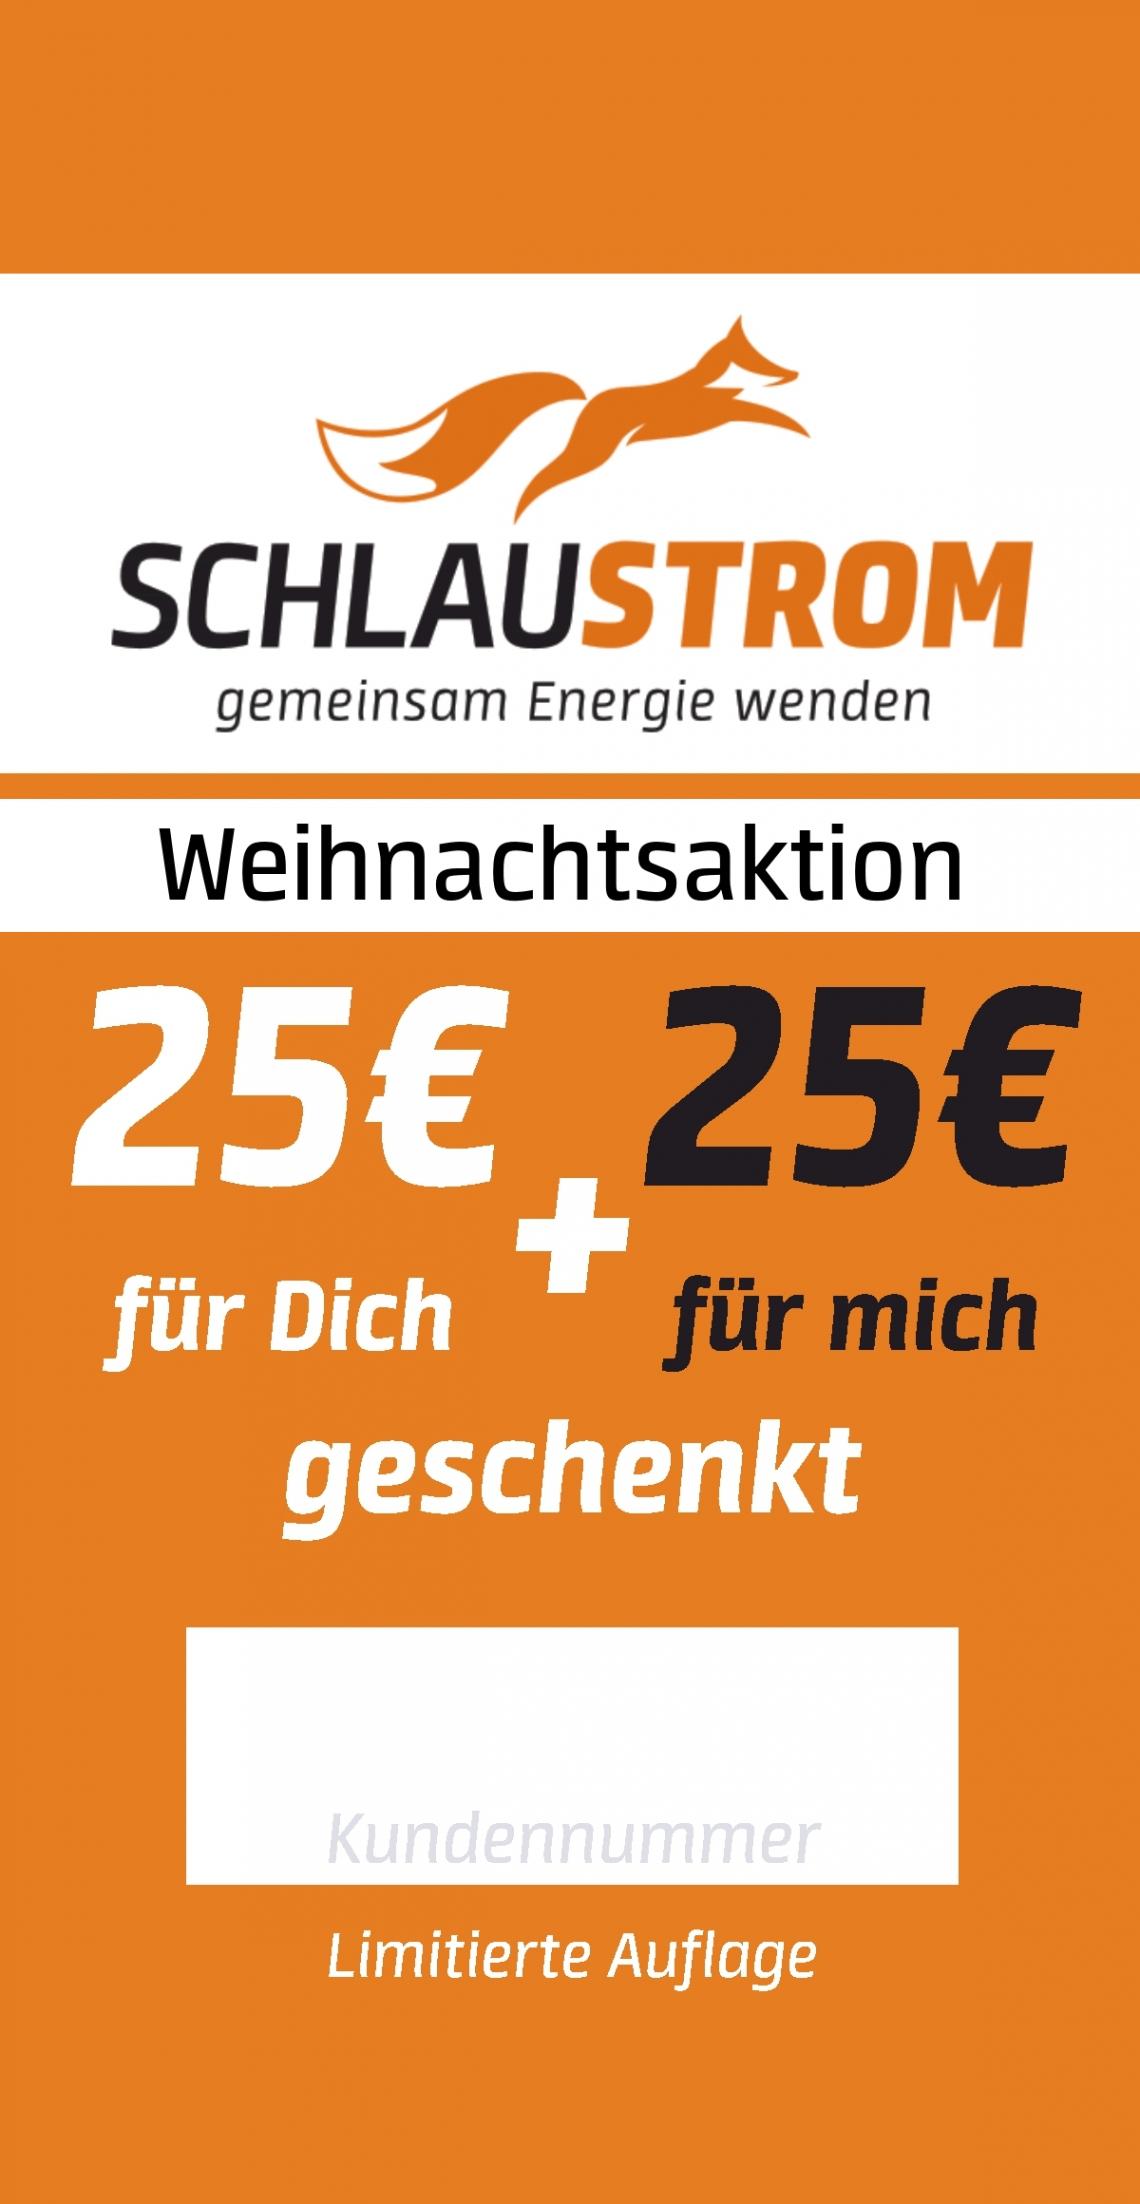 Aktion 25 Euro für dich 25 Euro für mich